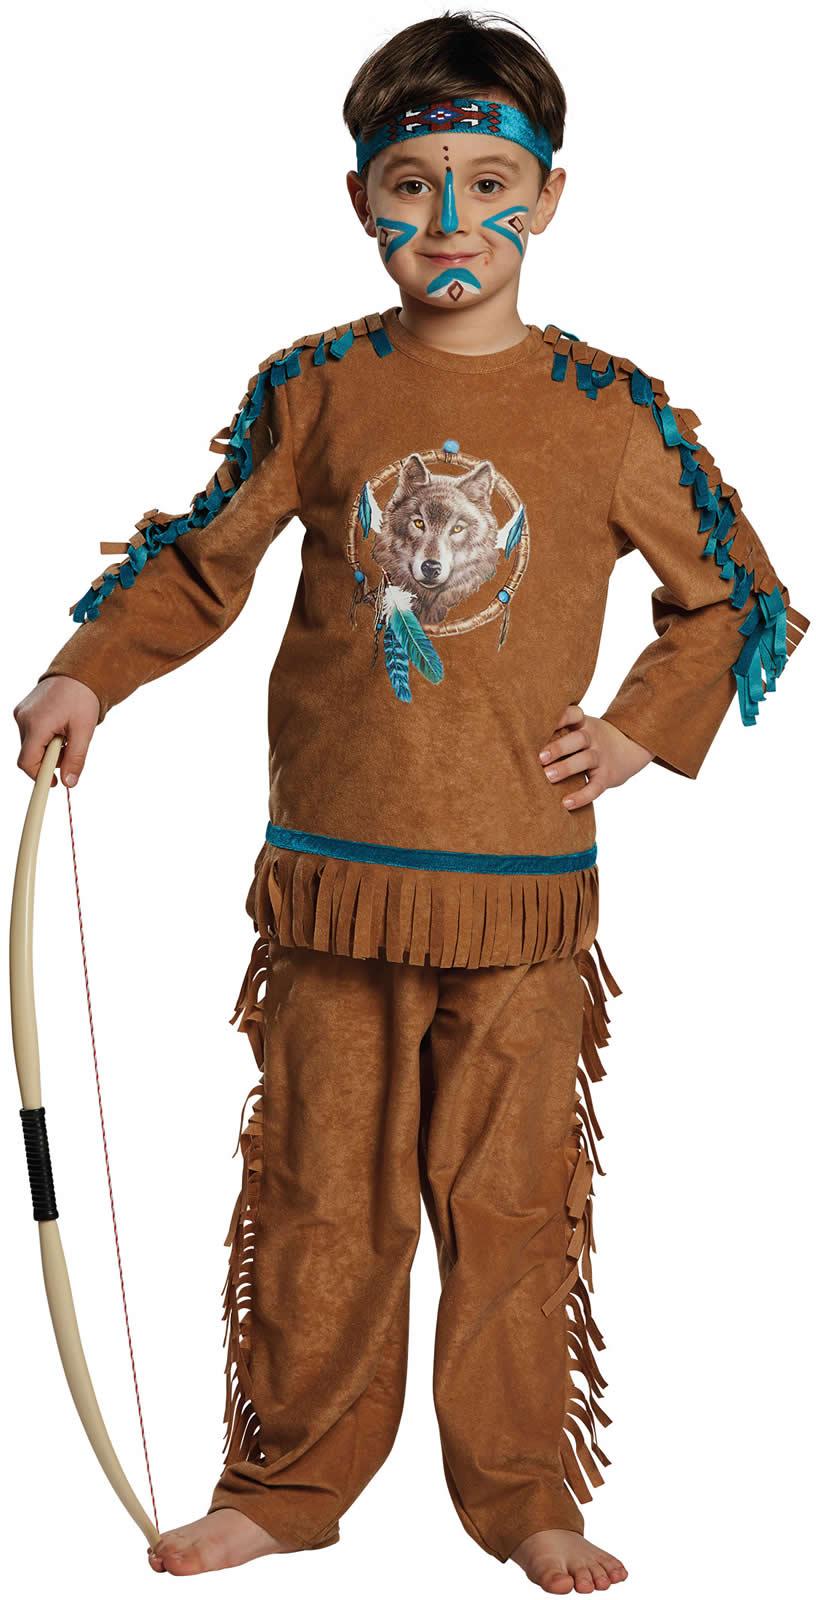 indianerjunge indianer kinder karneval kost m 104 164 ebay. Black Bedroom Furniture Sets. Home Design Ideas